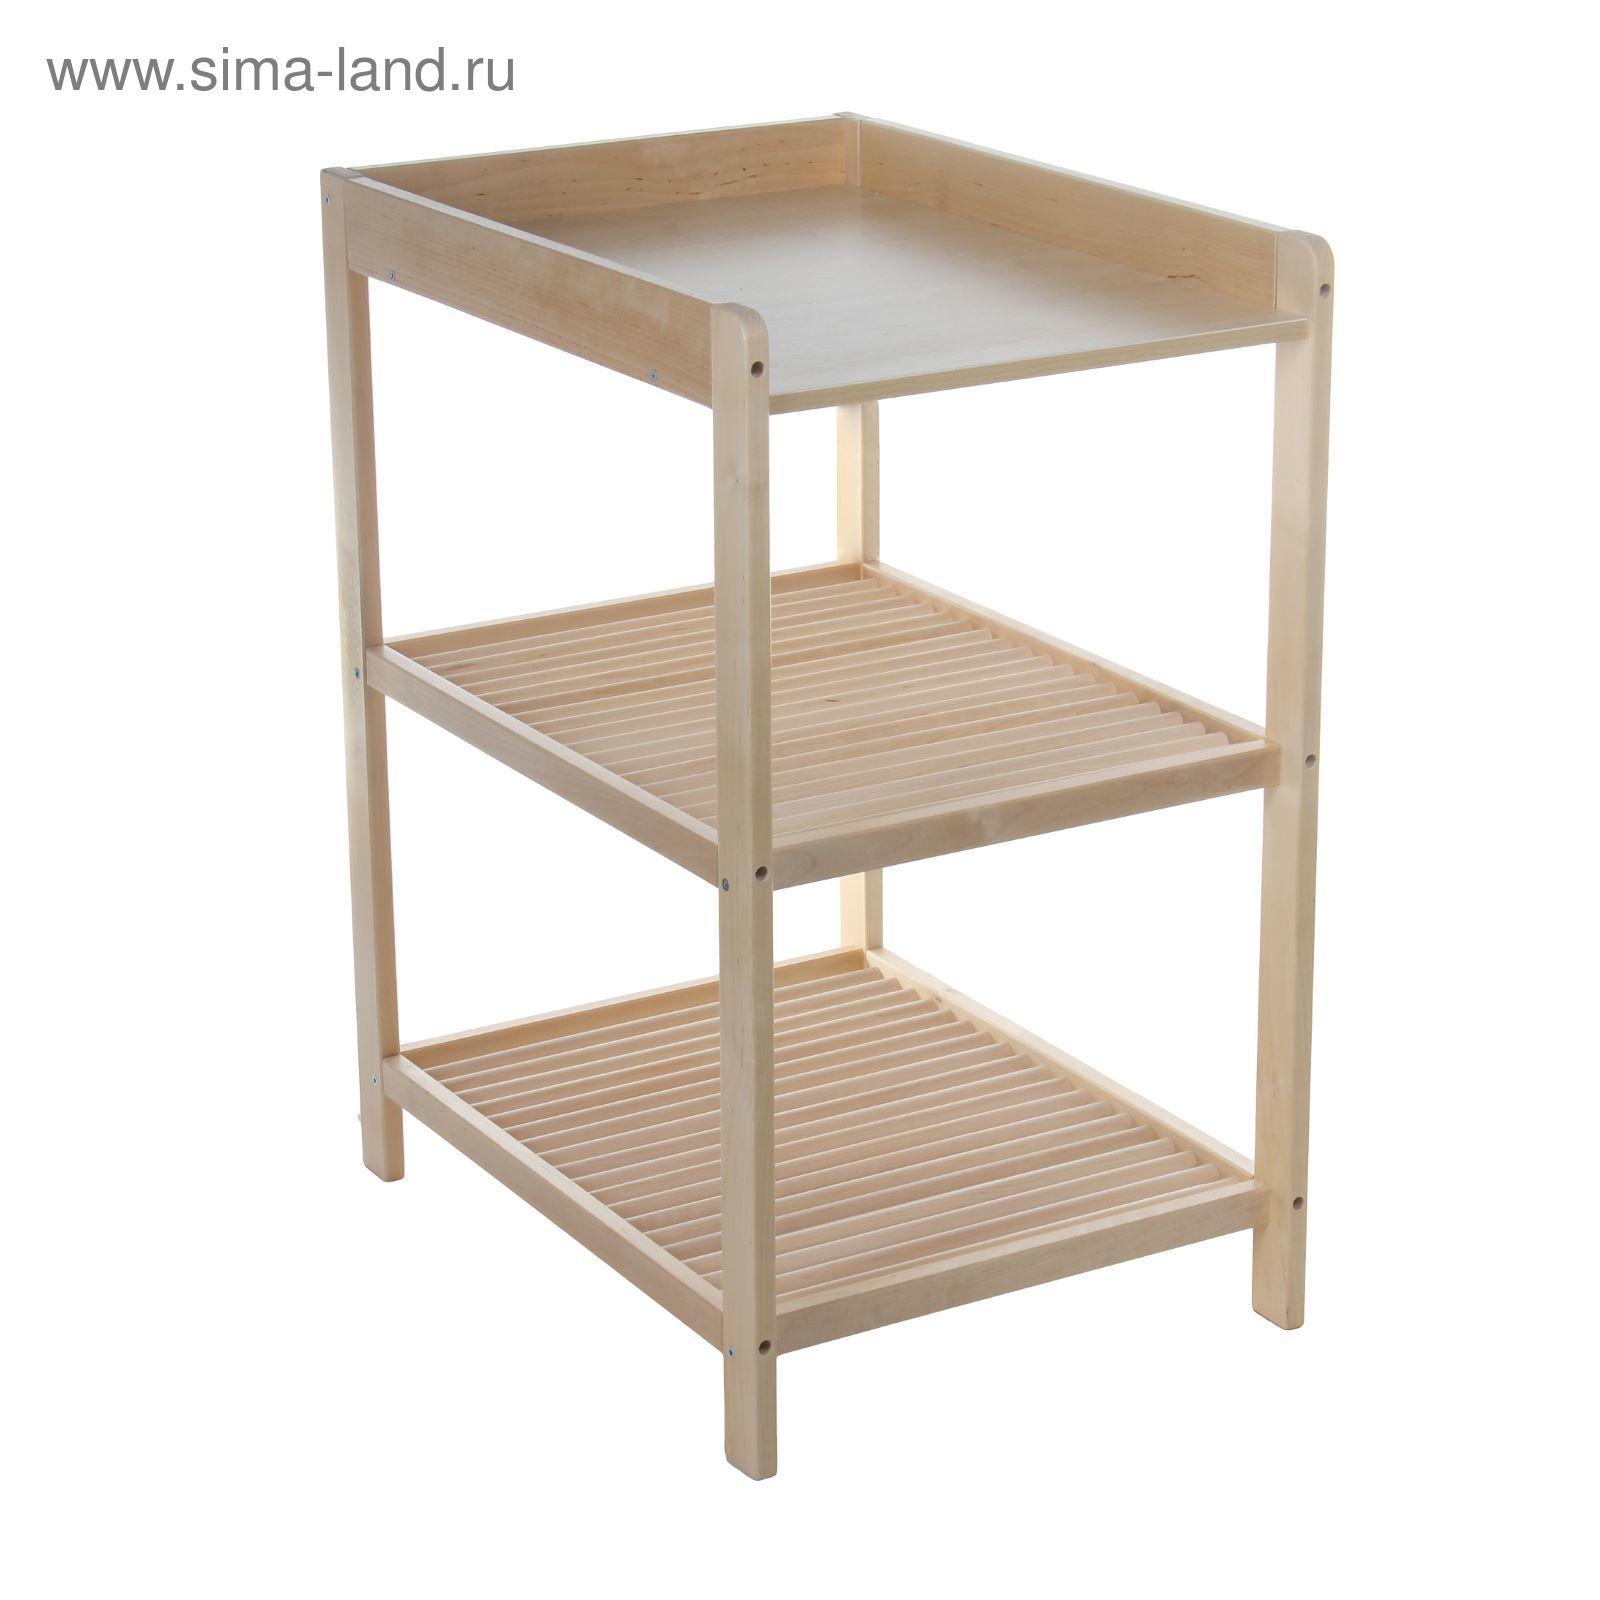 Пеленальный стол своими руками фото 478